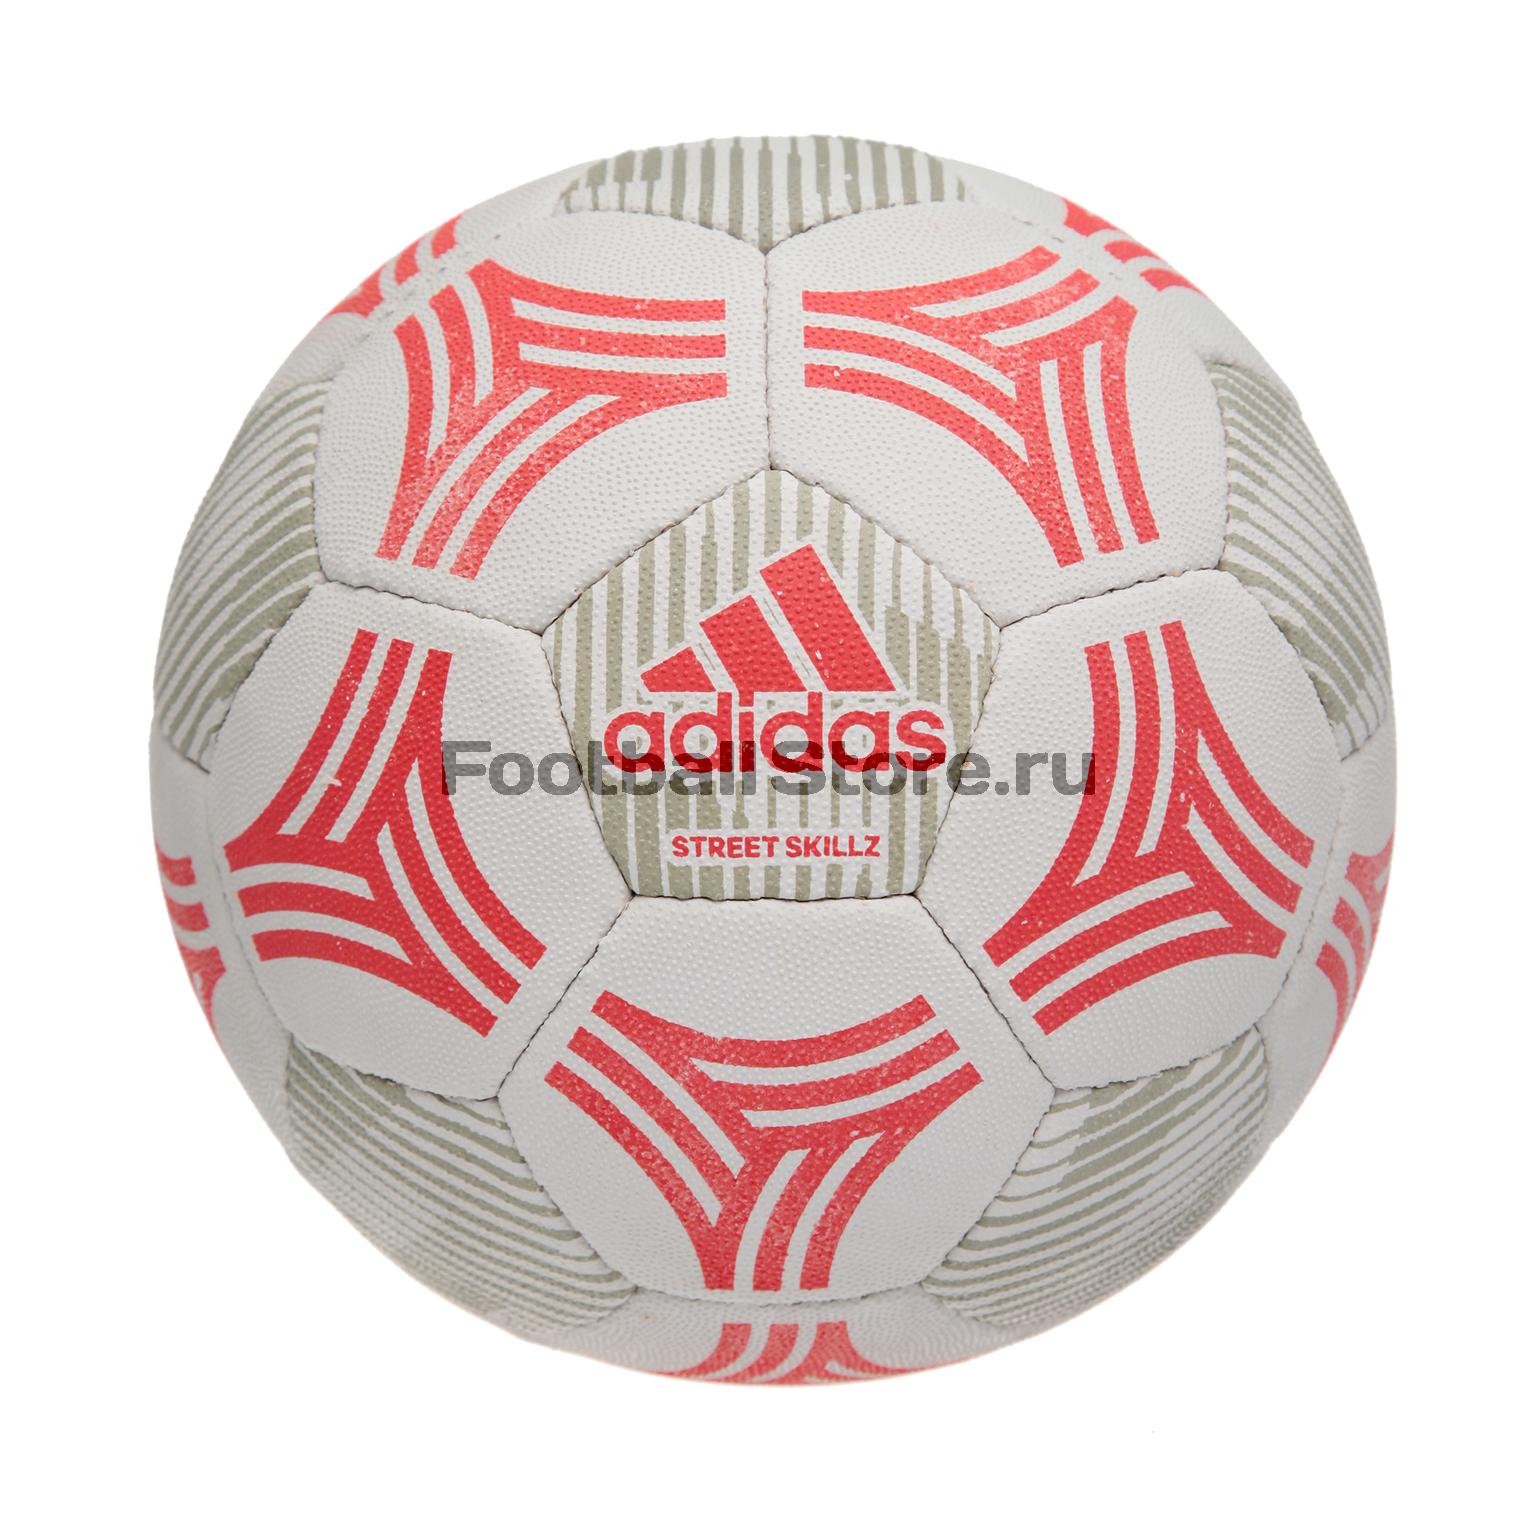 Футзальный мяч Adidas Tango Sala CE9981 мяч футзальный select futsal talento 11 852616 049 р 3